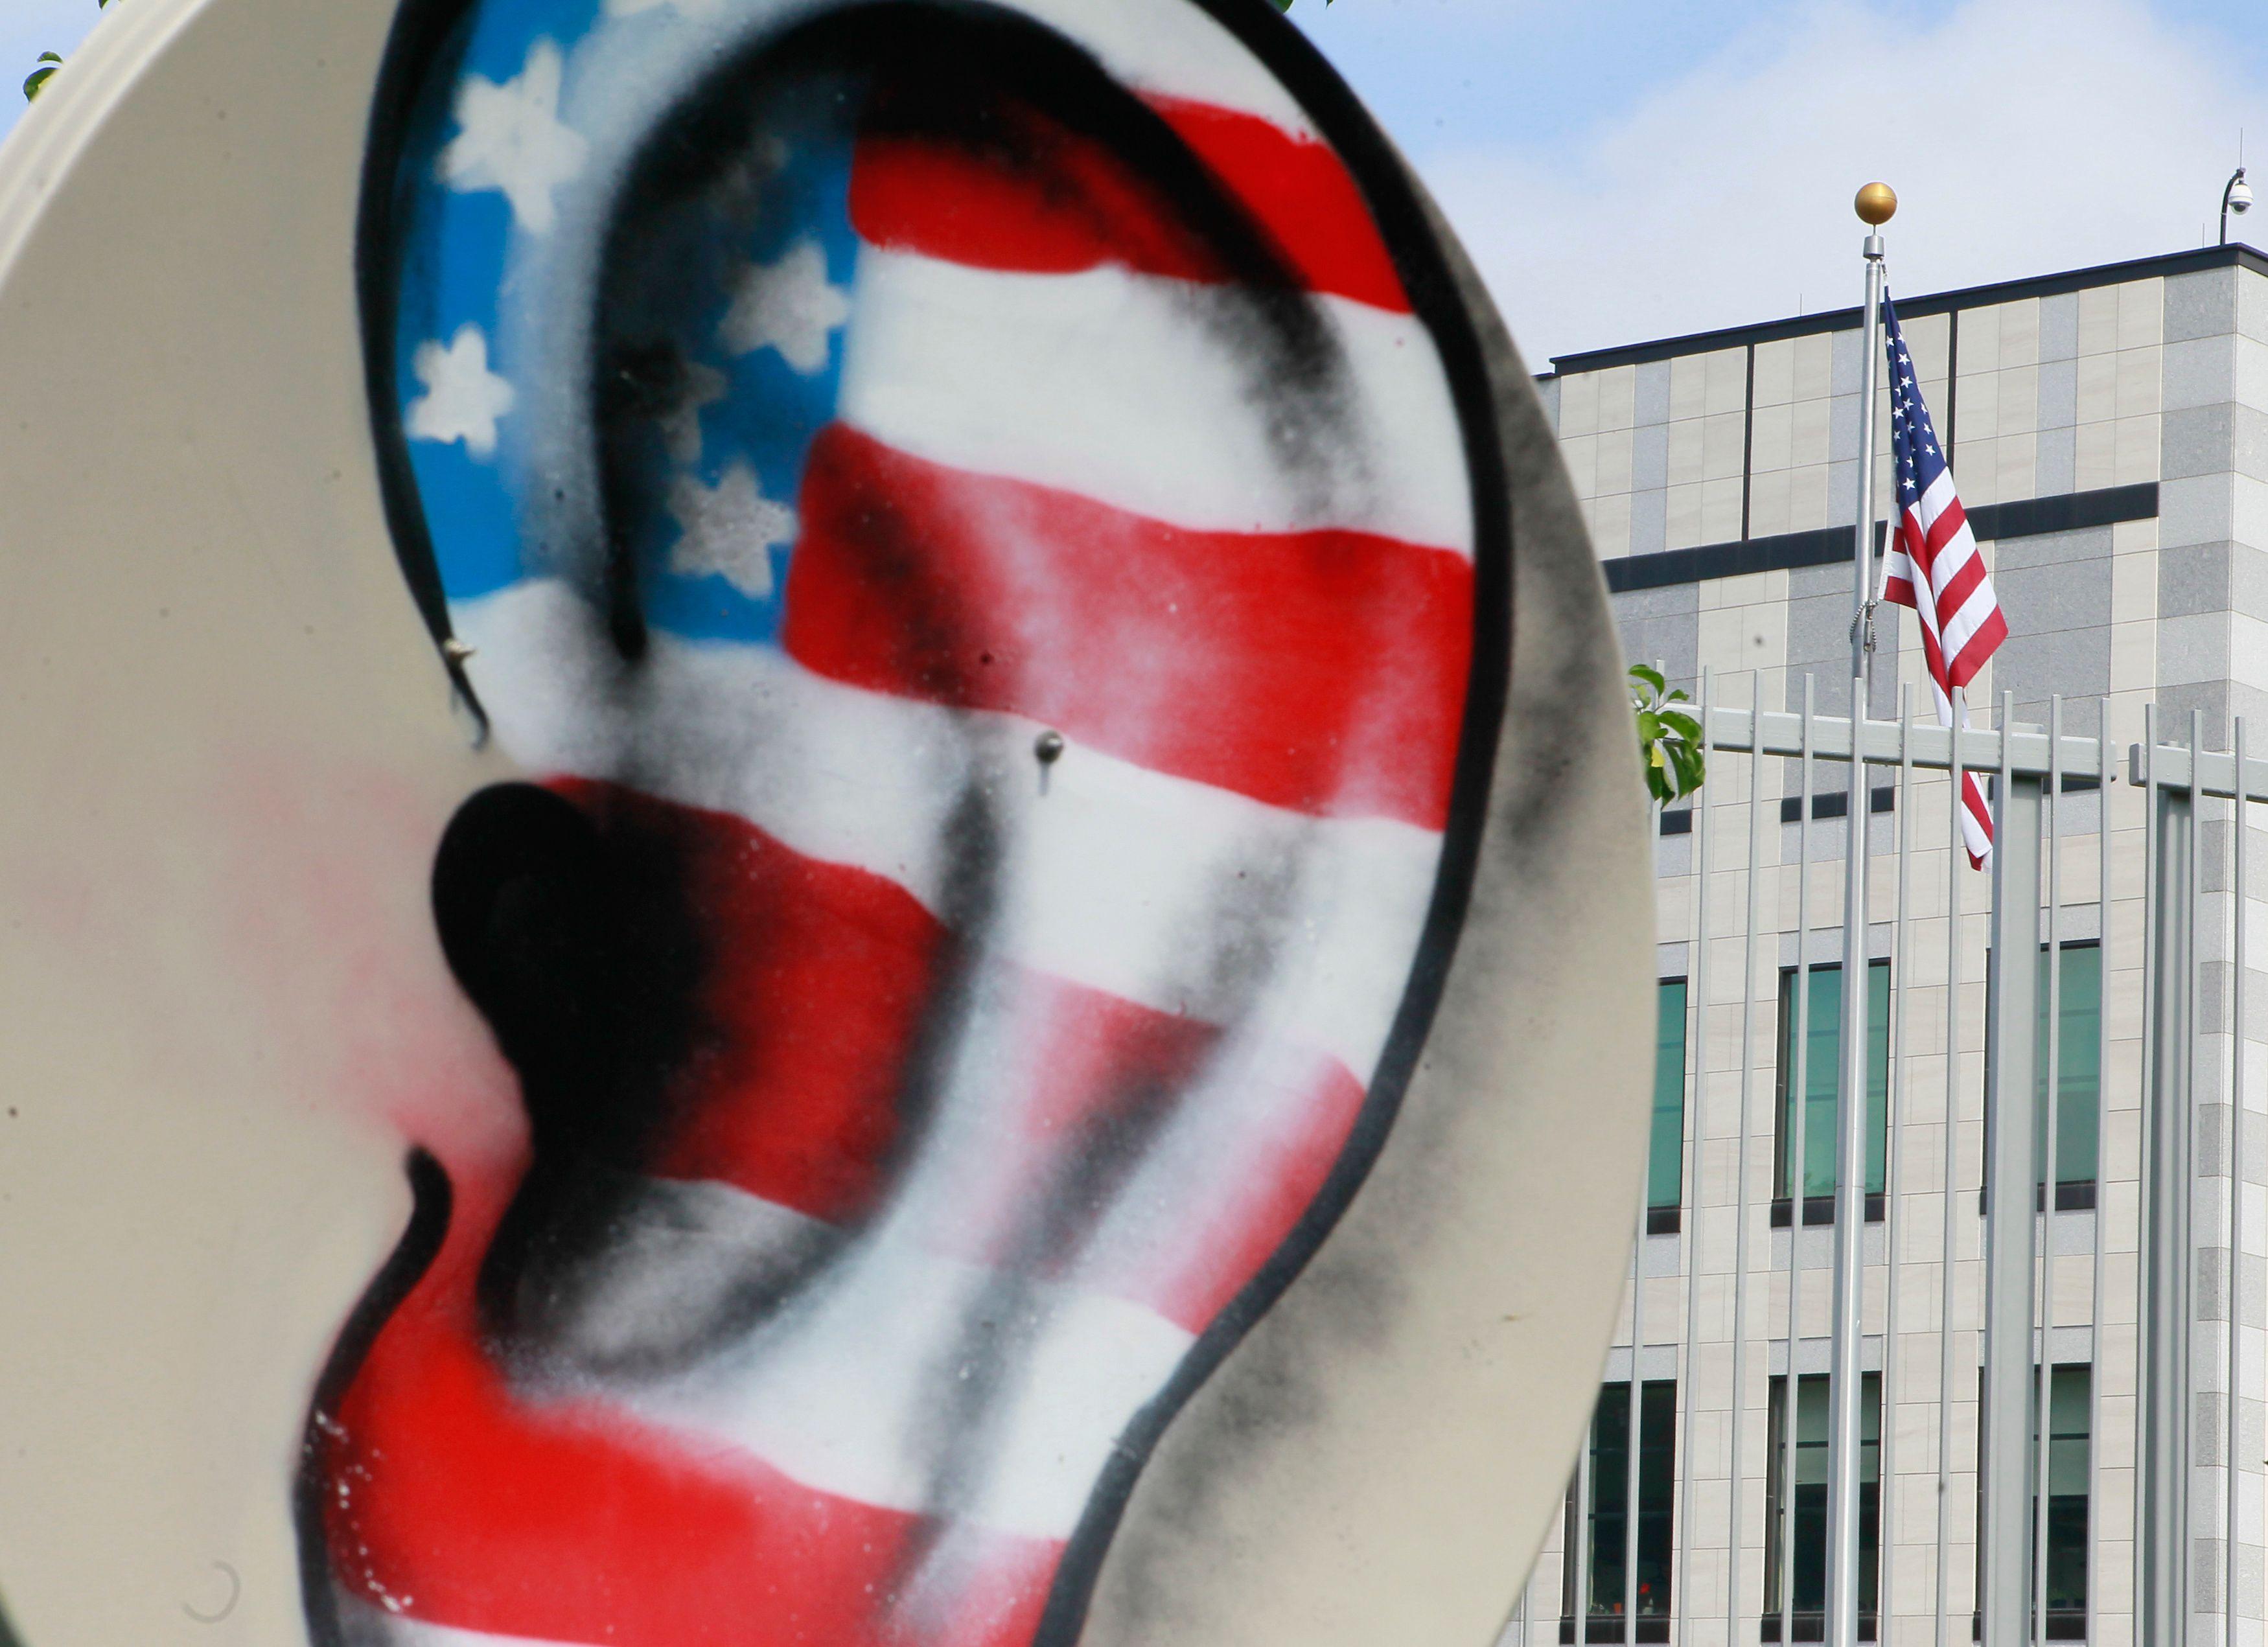 Le gouvernement Allemand a décidé de ne pas renouveler son contrat avec l'opérateur américain Verizon suite aux révélation des écoutes de plusieurs membres du gouvernement allemand, dont Angela Merkel